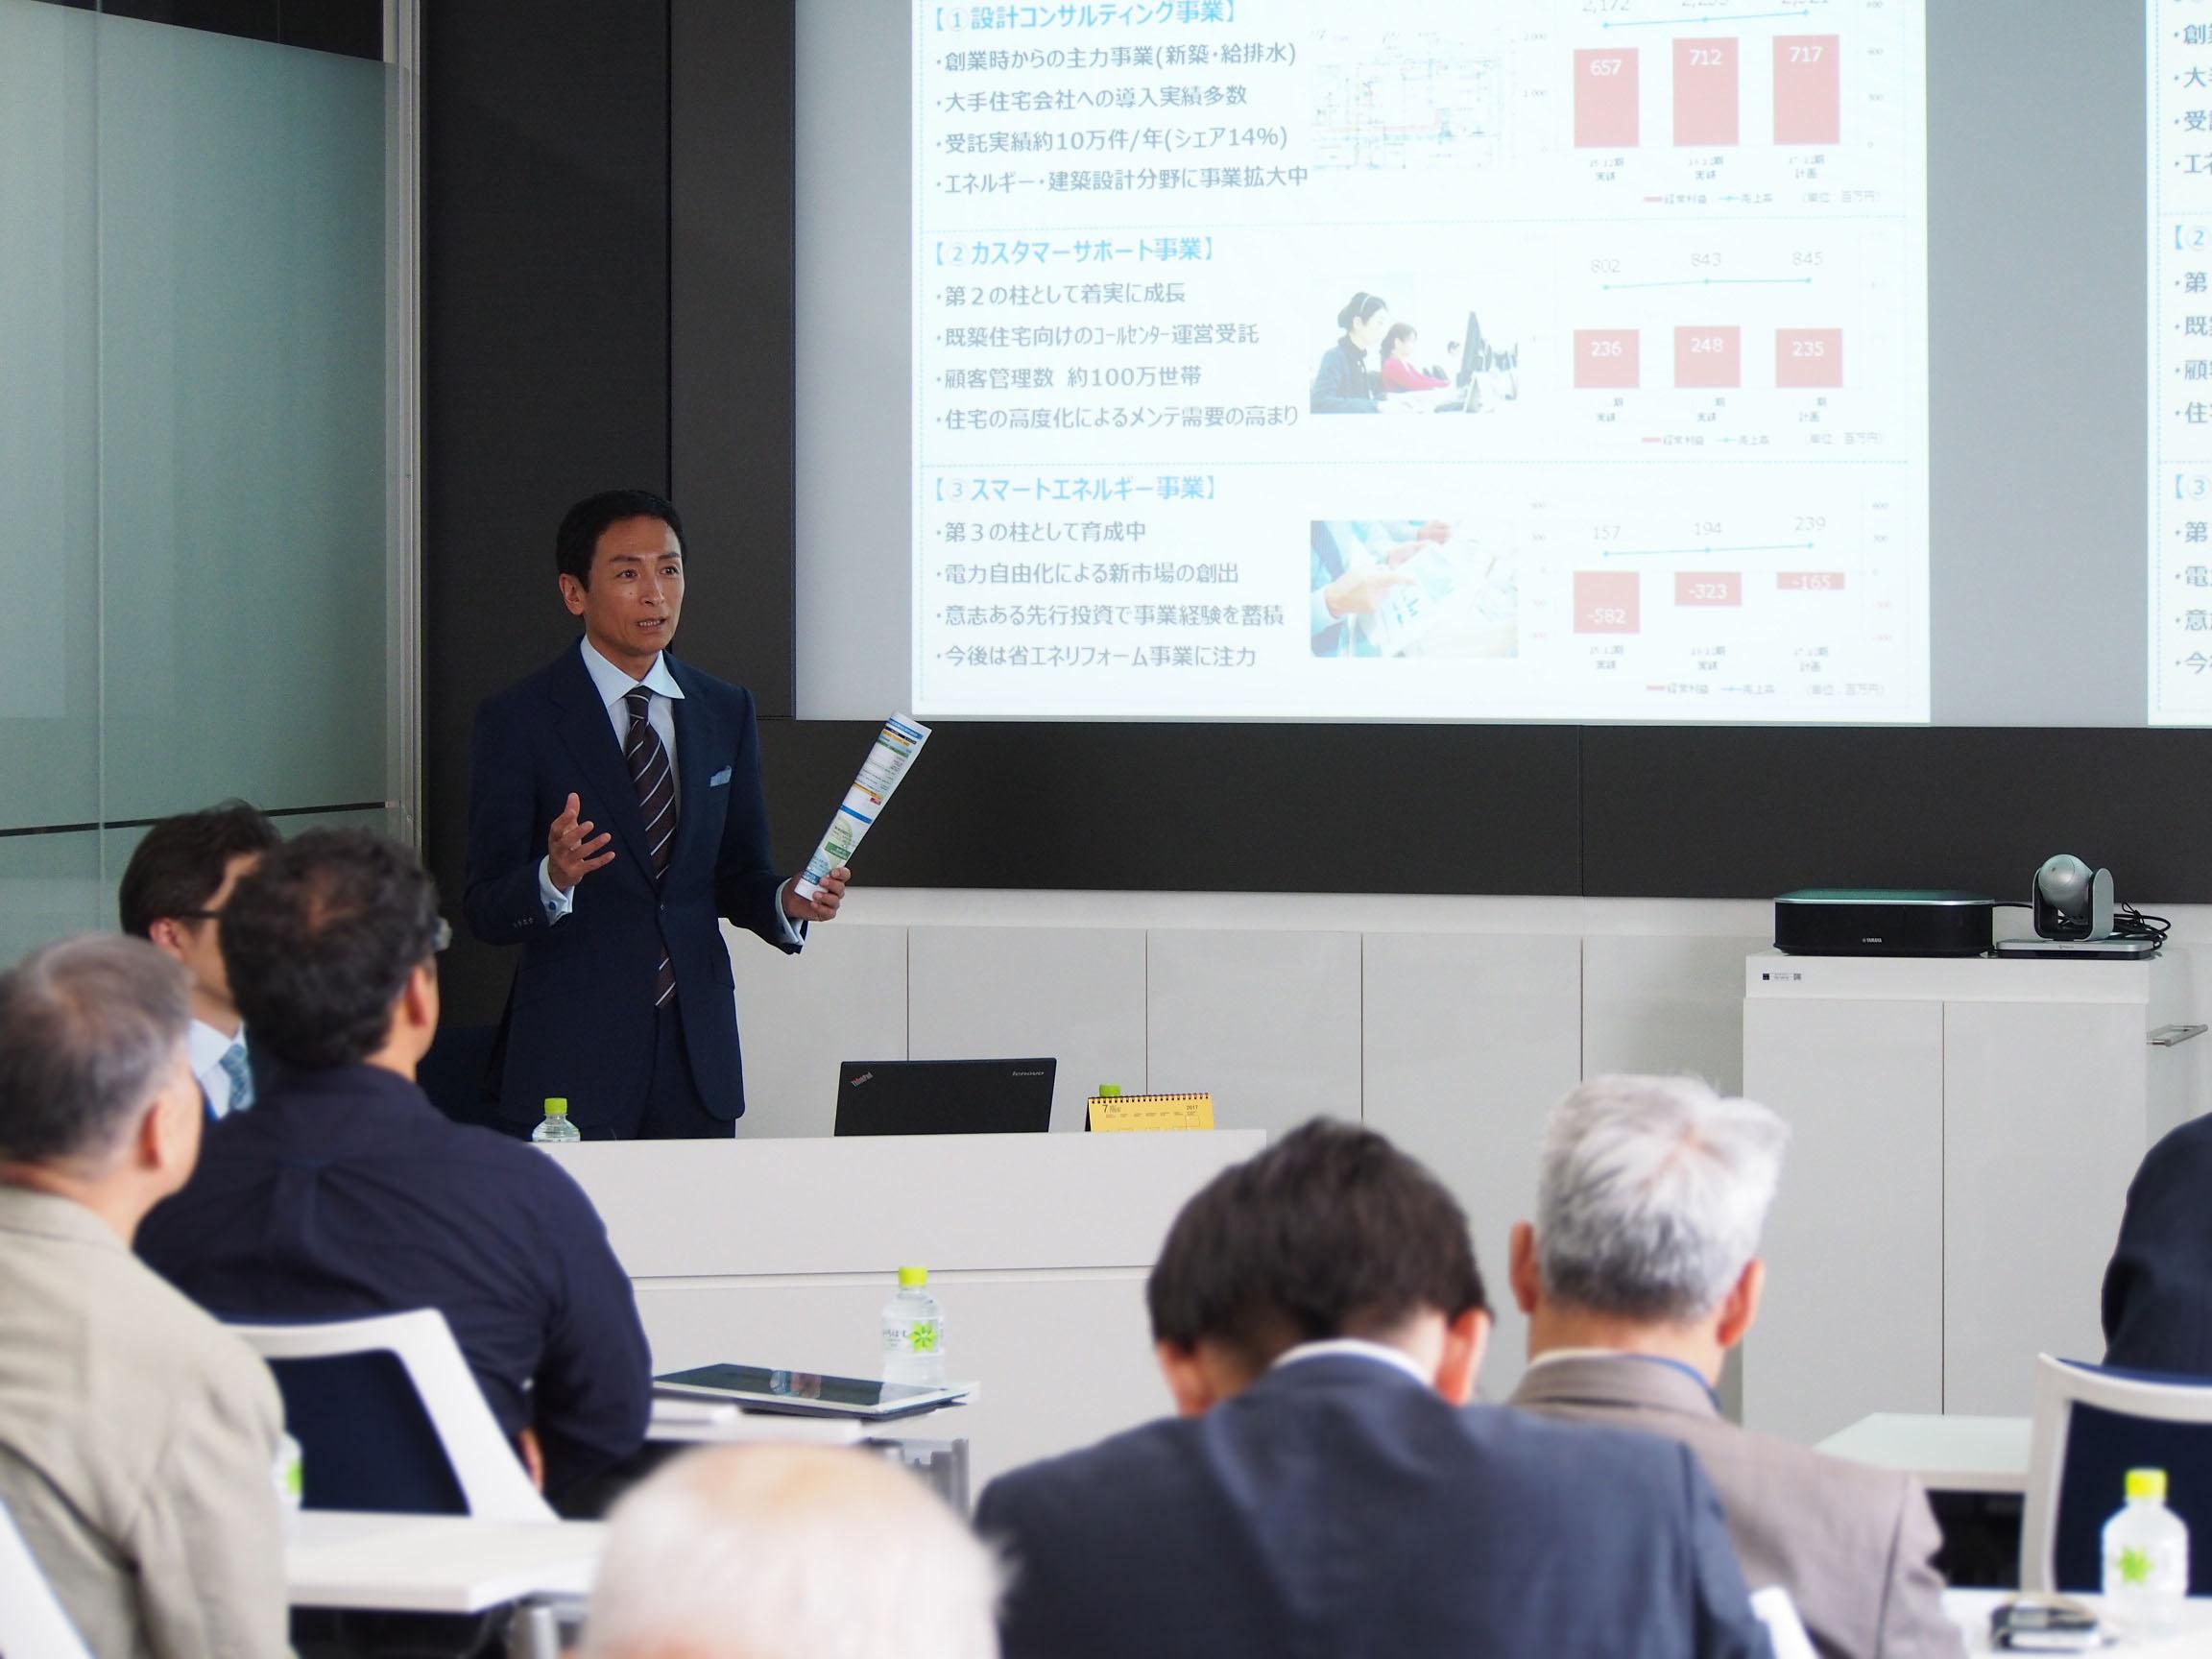 【2月20日(火)まで申込受付】投資家向け説明会開催